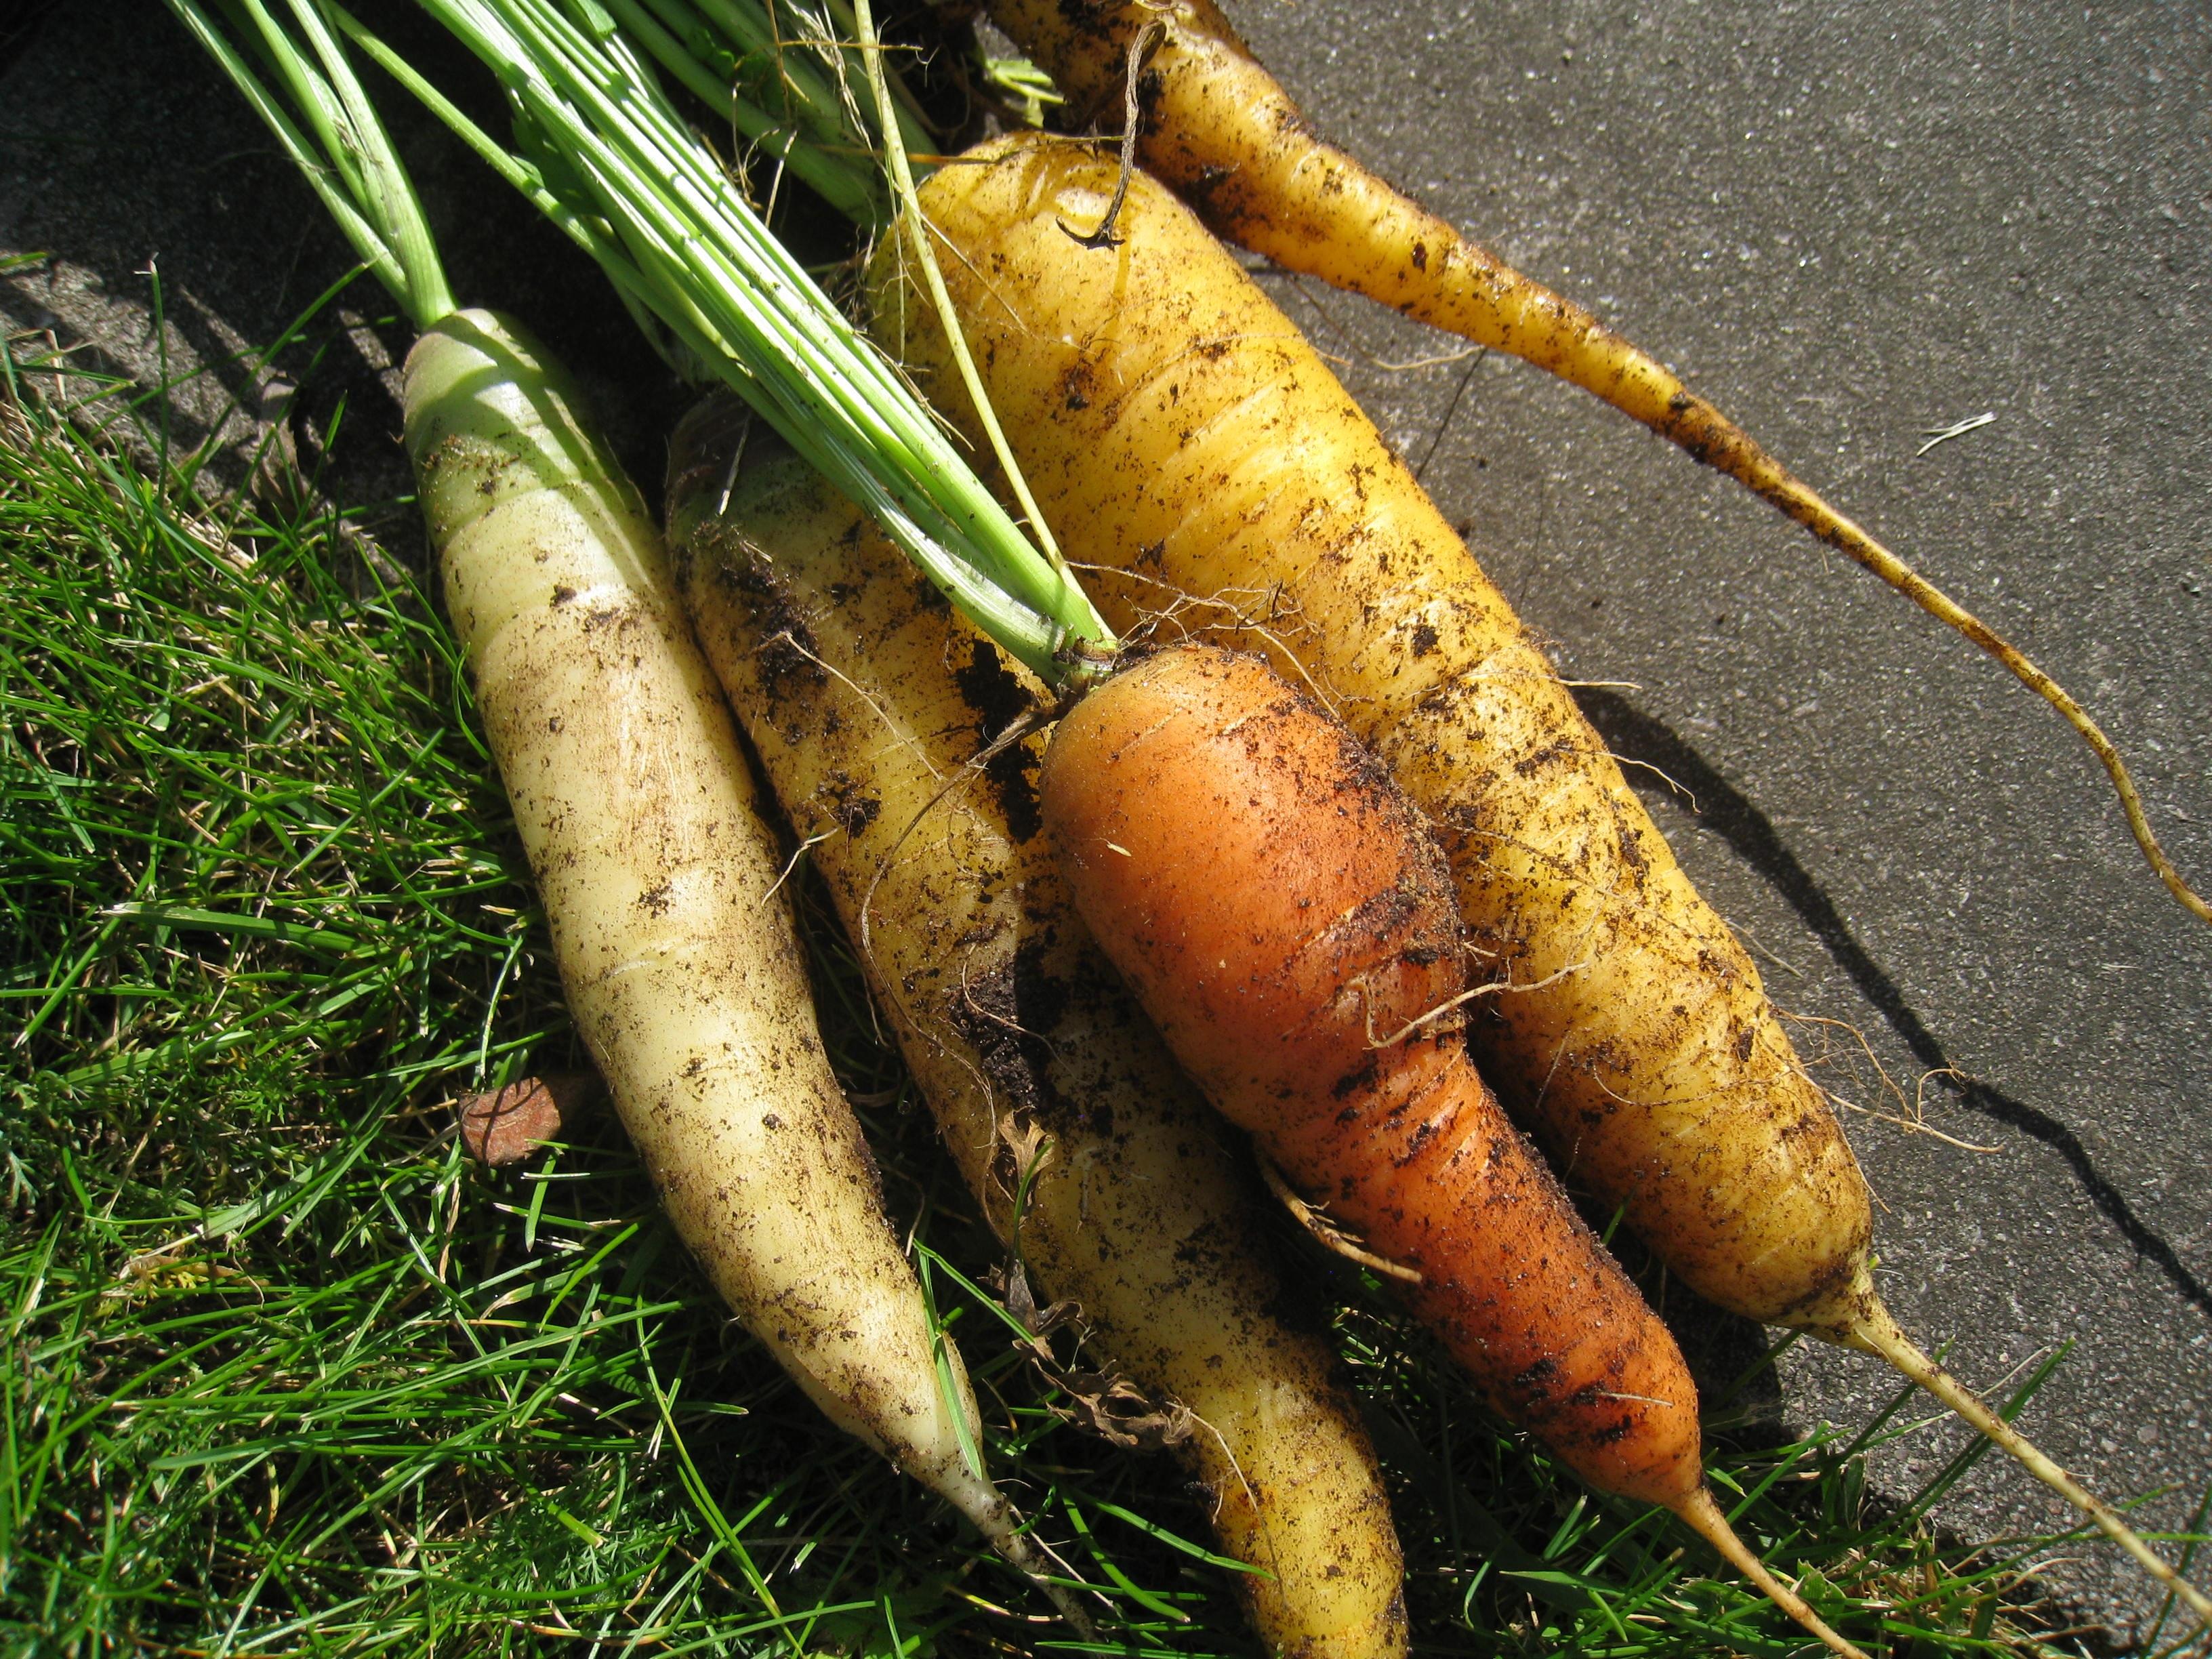 Poze Plantă Alimente Legume şi Fructe Vegetal Toamnă